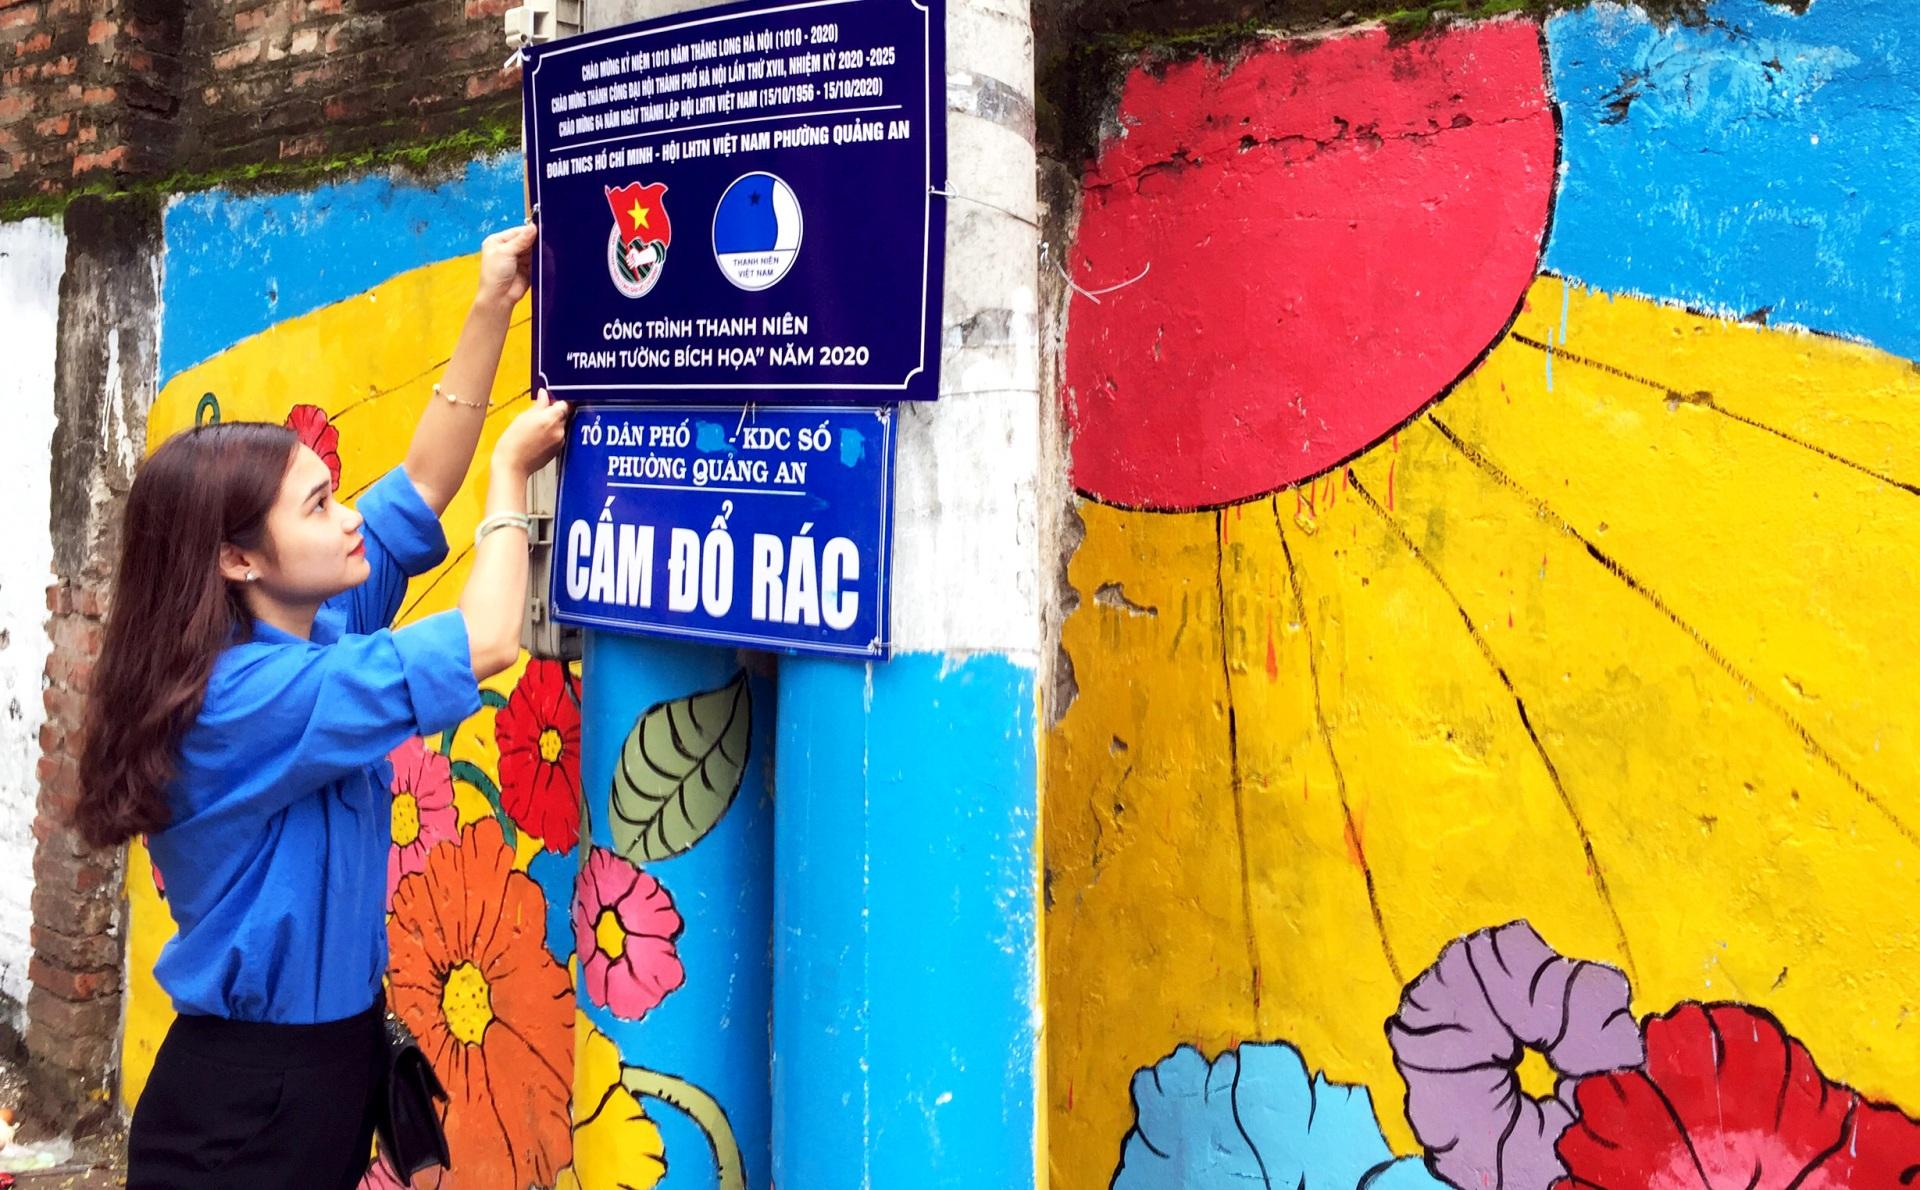 Thanh niên phường Quảng An cải thiện môi trường hòa nhịp cùng Thủ đô